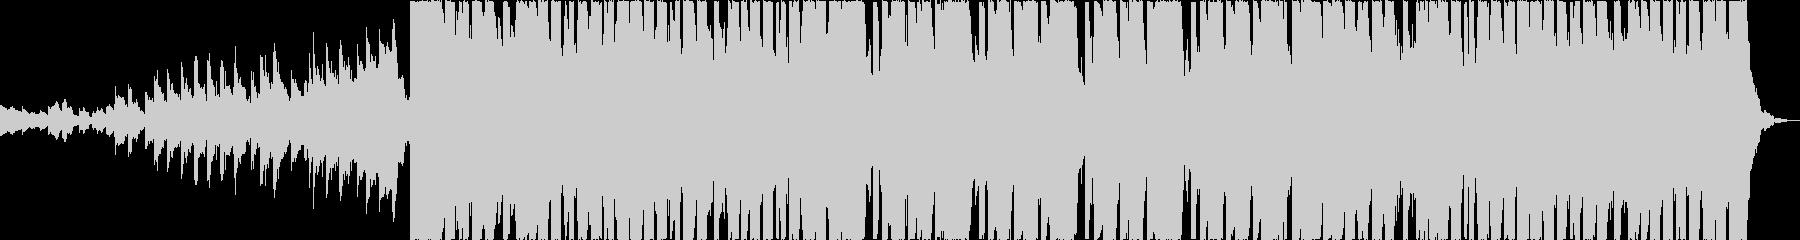 華やか軽快和風EDMエレクトロロックbの未再生の波形